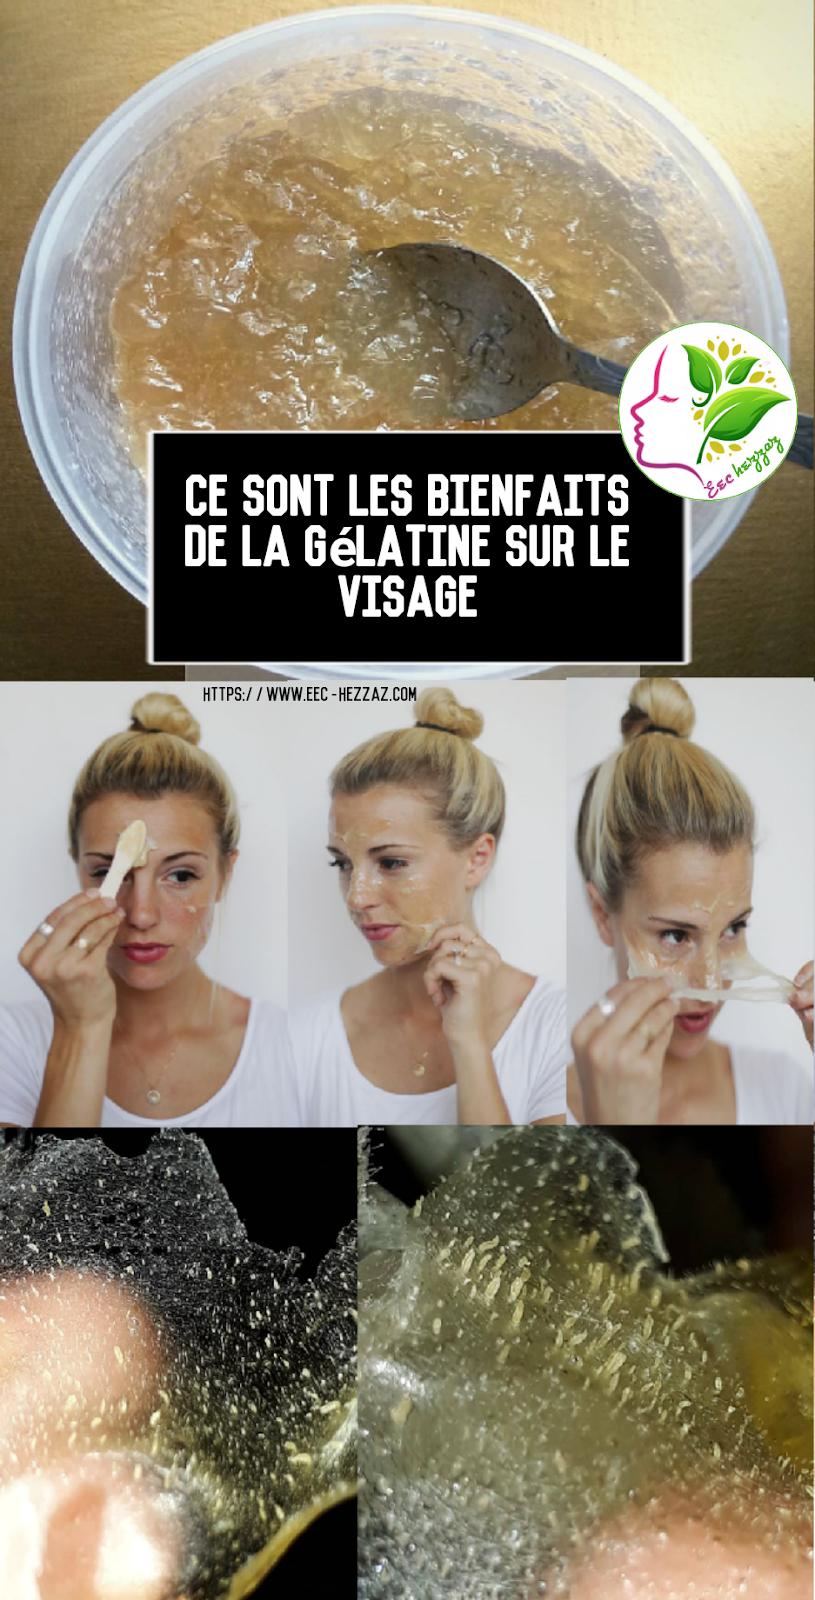 Ce sont les bienfaits de la gélatine sur le visage